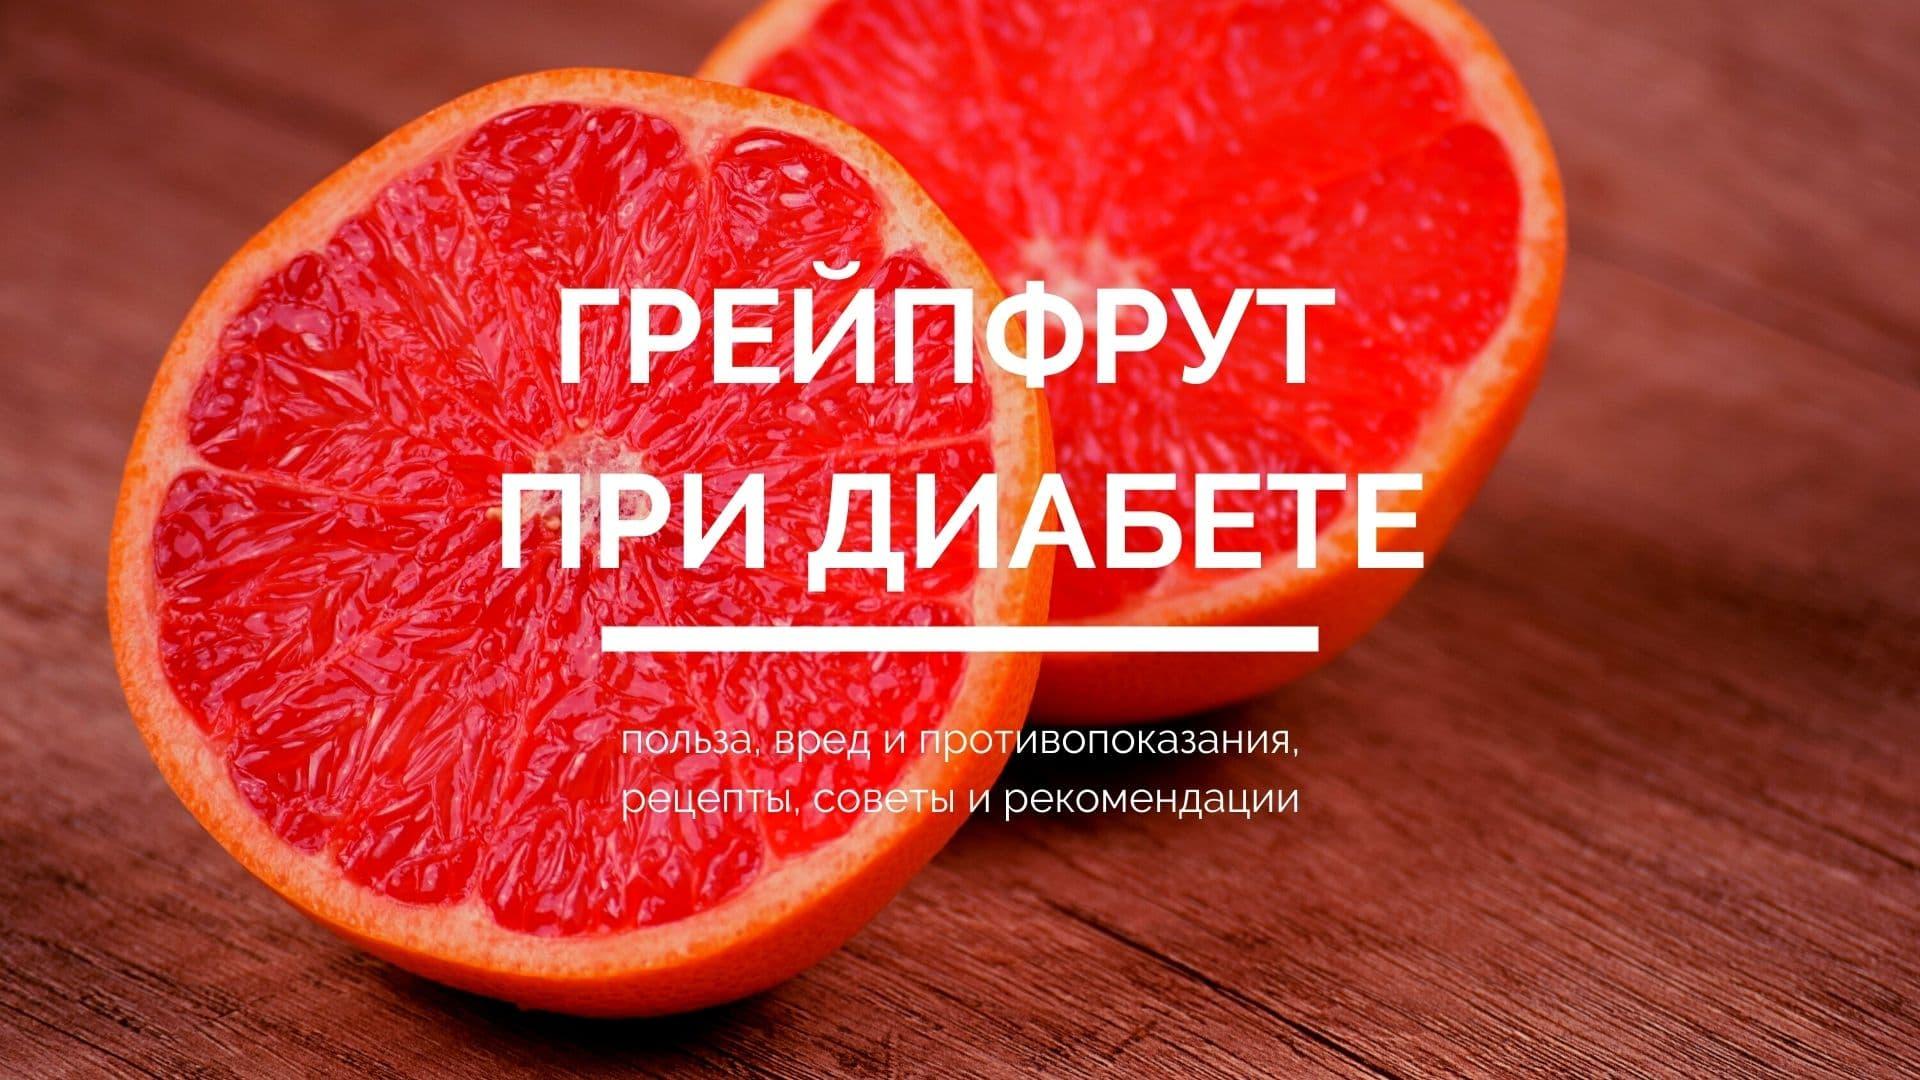 Грейпфрут при диабете: польза, вред и противопоказания, рецепты, советы и рекомендации